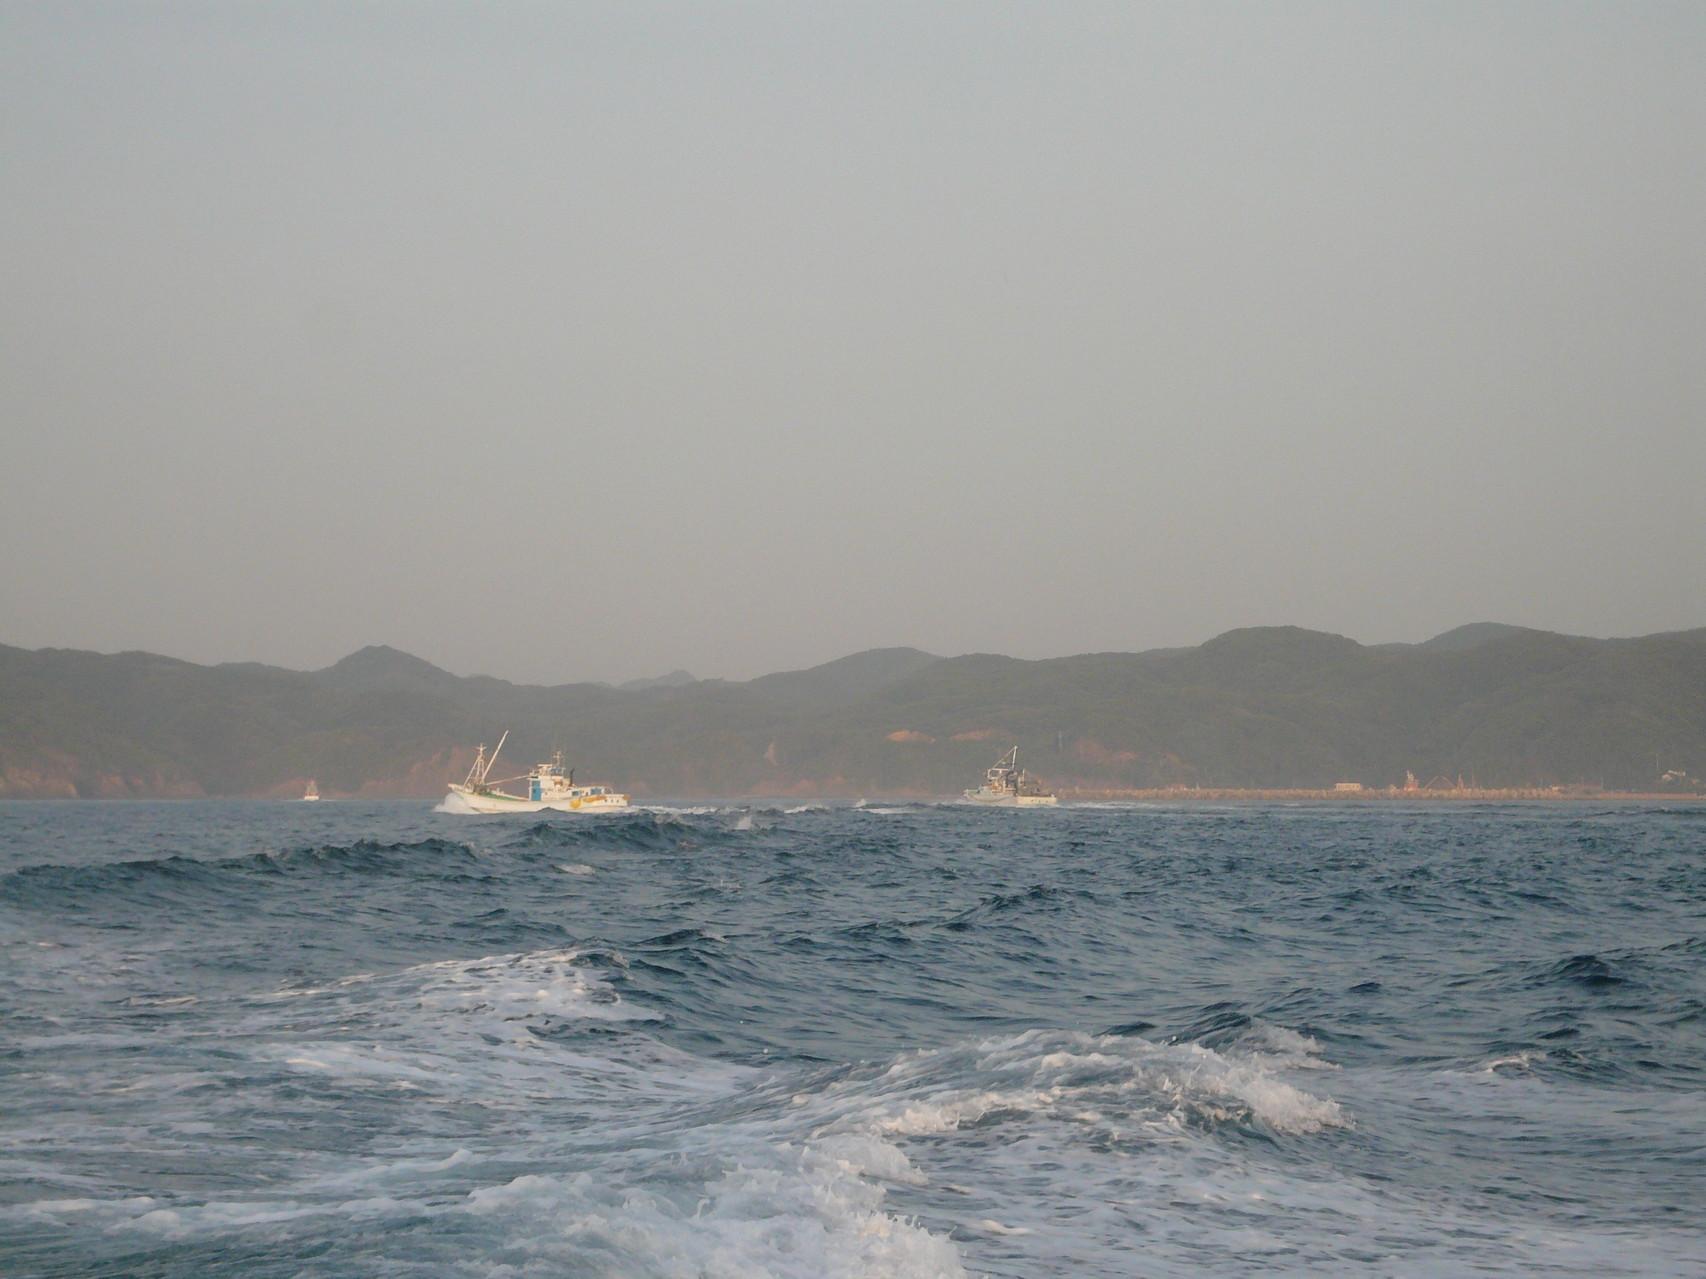 6月1日巻き網船団が帰港中 今日も釣果悪しか?